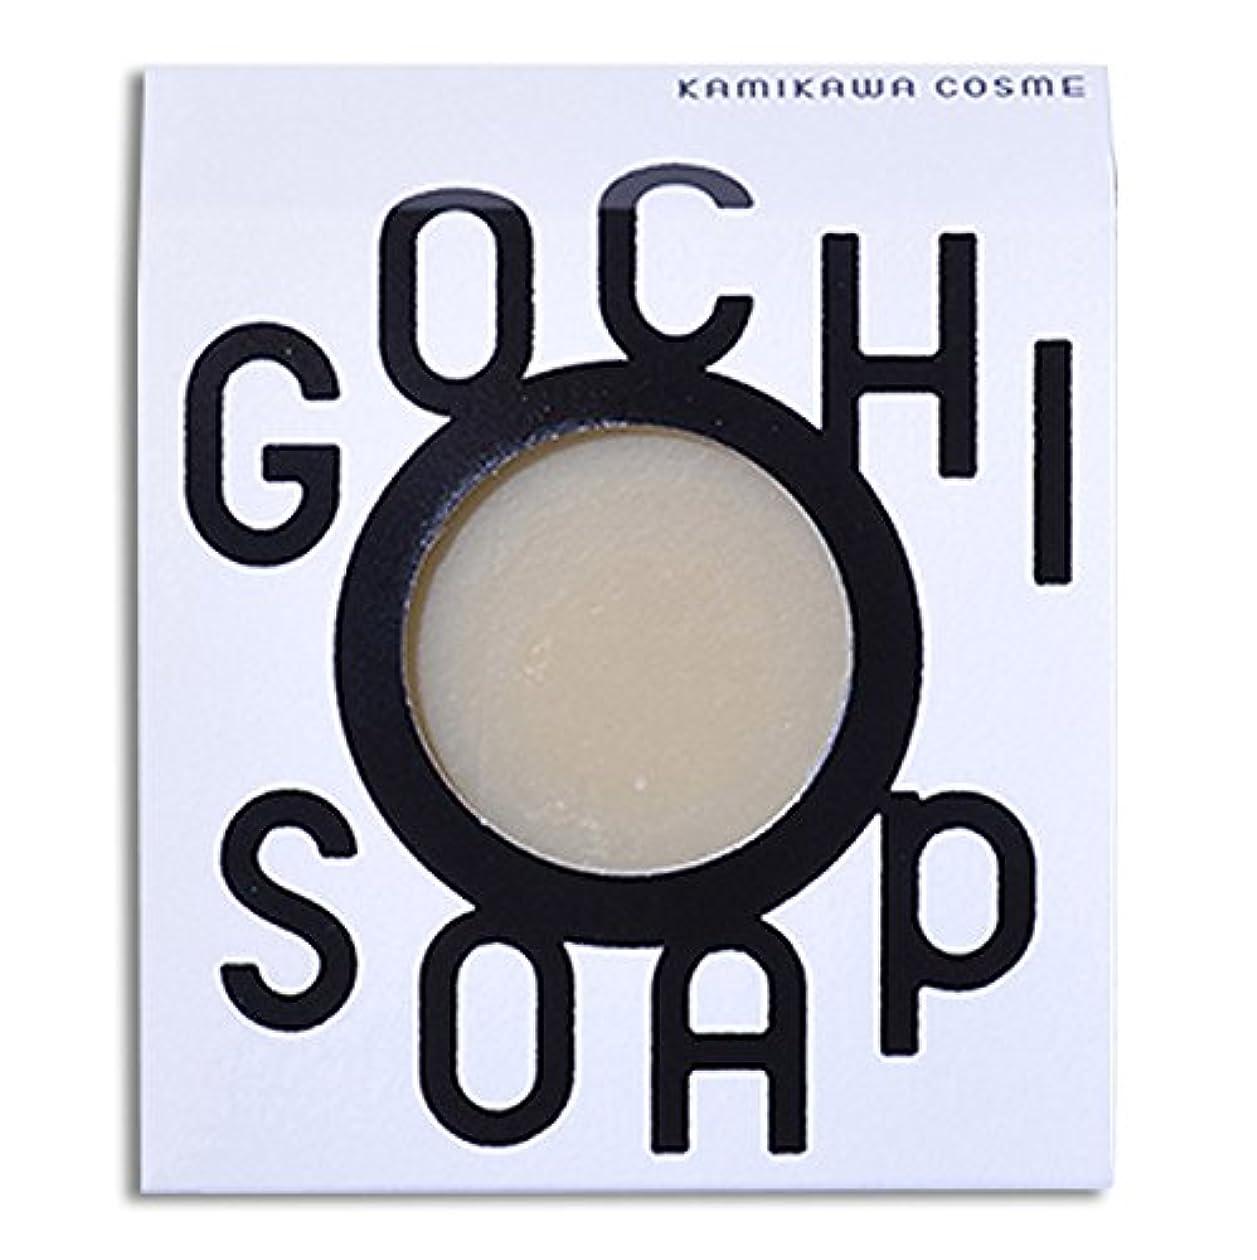 ウナギ第二ハント道北の素材を使用したコスメブランド GOCHI SOAP(伊勢ファームの牛乳ソープ?平田こうじ店の米糀ソープ)各1個セット